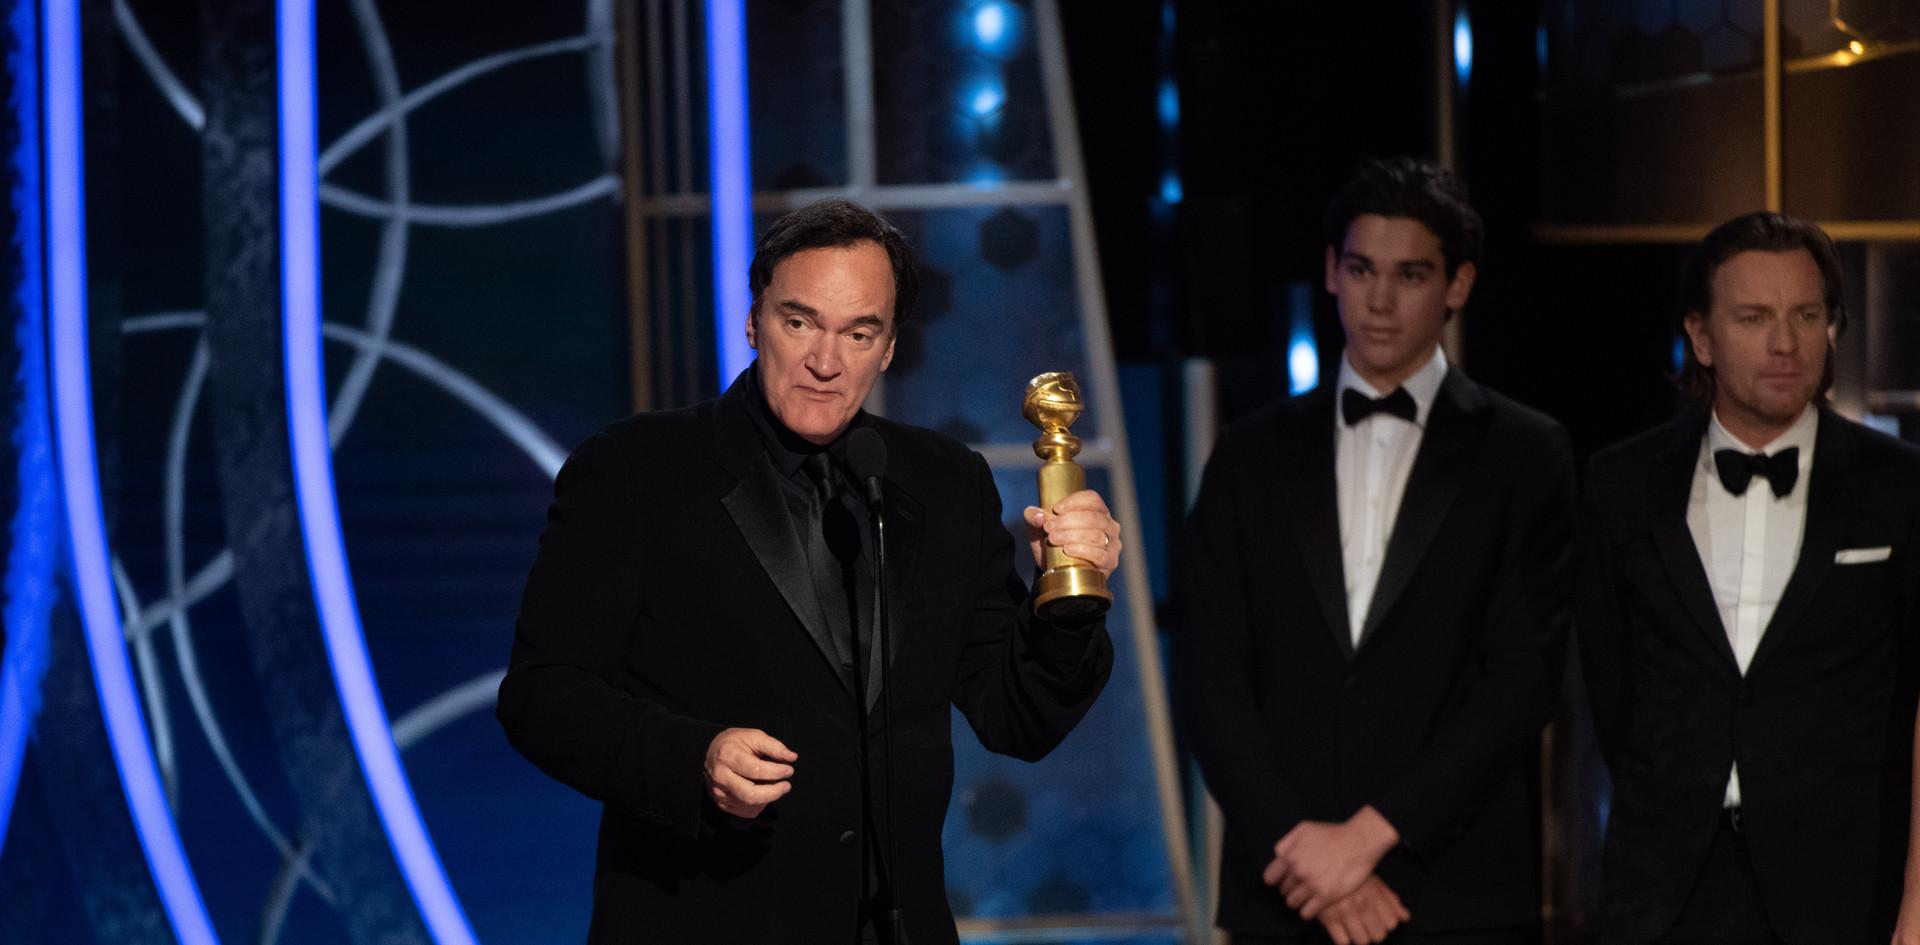 """Quentin Tarantino recebendo o Golden Globe pelo Melhor Argumento do Filme: """"Once Upon a Time...in Hollywood"""" na cerimónia da entrega dos Golden Globes no 76th Annual Golden Globes Awards no Beverly Hilton em Beverly Hills, CA. Fotografia: HFPA Photographer.     Alfonso Curaon recebendo o Golden Globe, pelo Melhor Filme, Estrangeiro: """"Roma"""" (MEXICO) dos apresentadores Antonio Banderas e Catherine Zeta-Jones"""